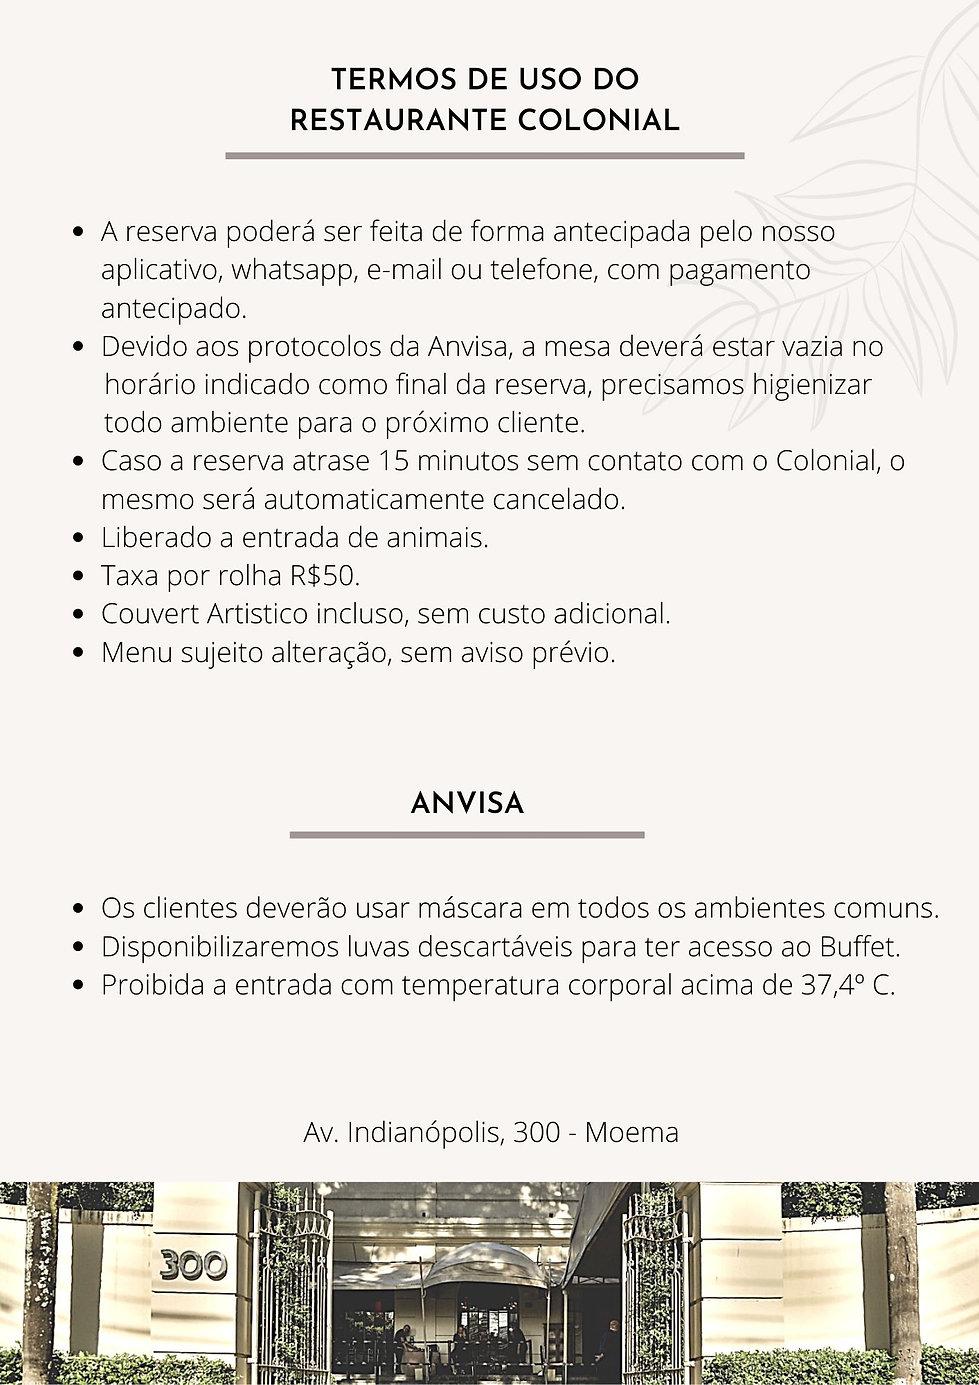 O Melhor Brunch de São Paulo em Moema, Restaurante Brunch Jardim Colonial São Paulo